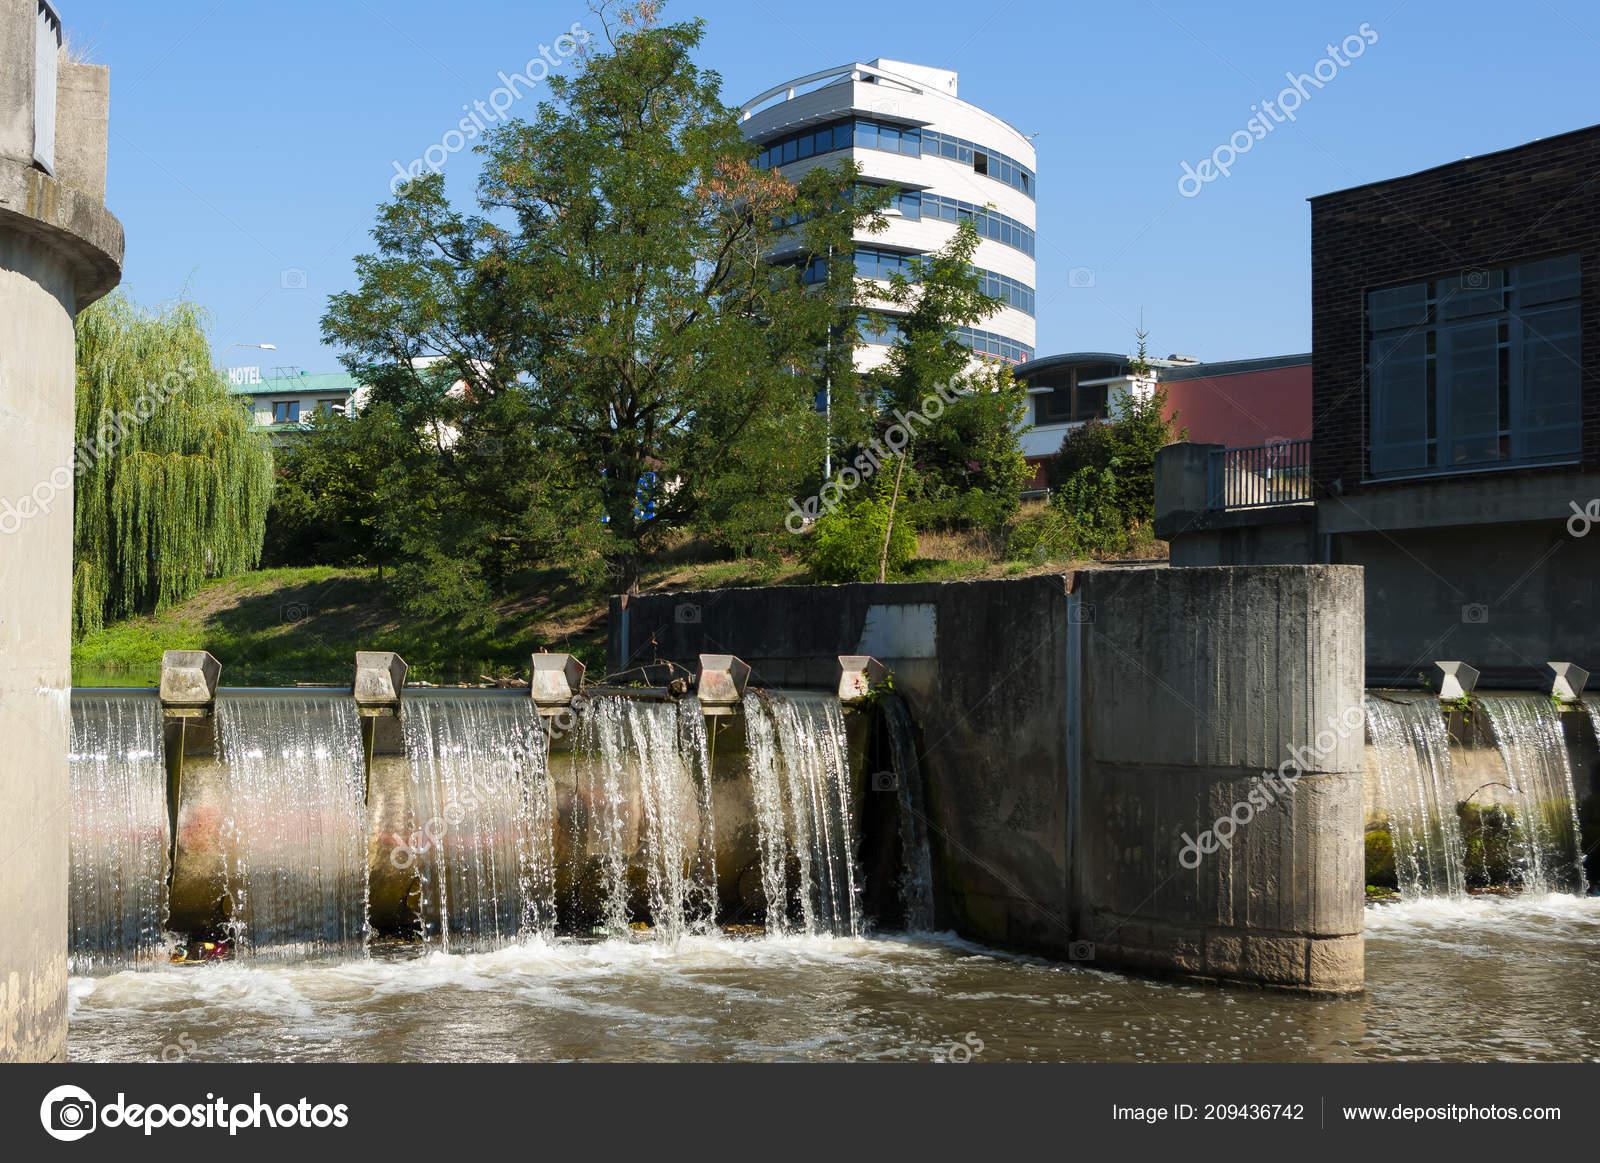 Eine Kombination Aus Moderner Architektur Und Natur Bürogebäude Der Stadtu2013  Stockbild